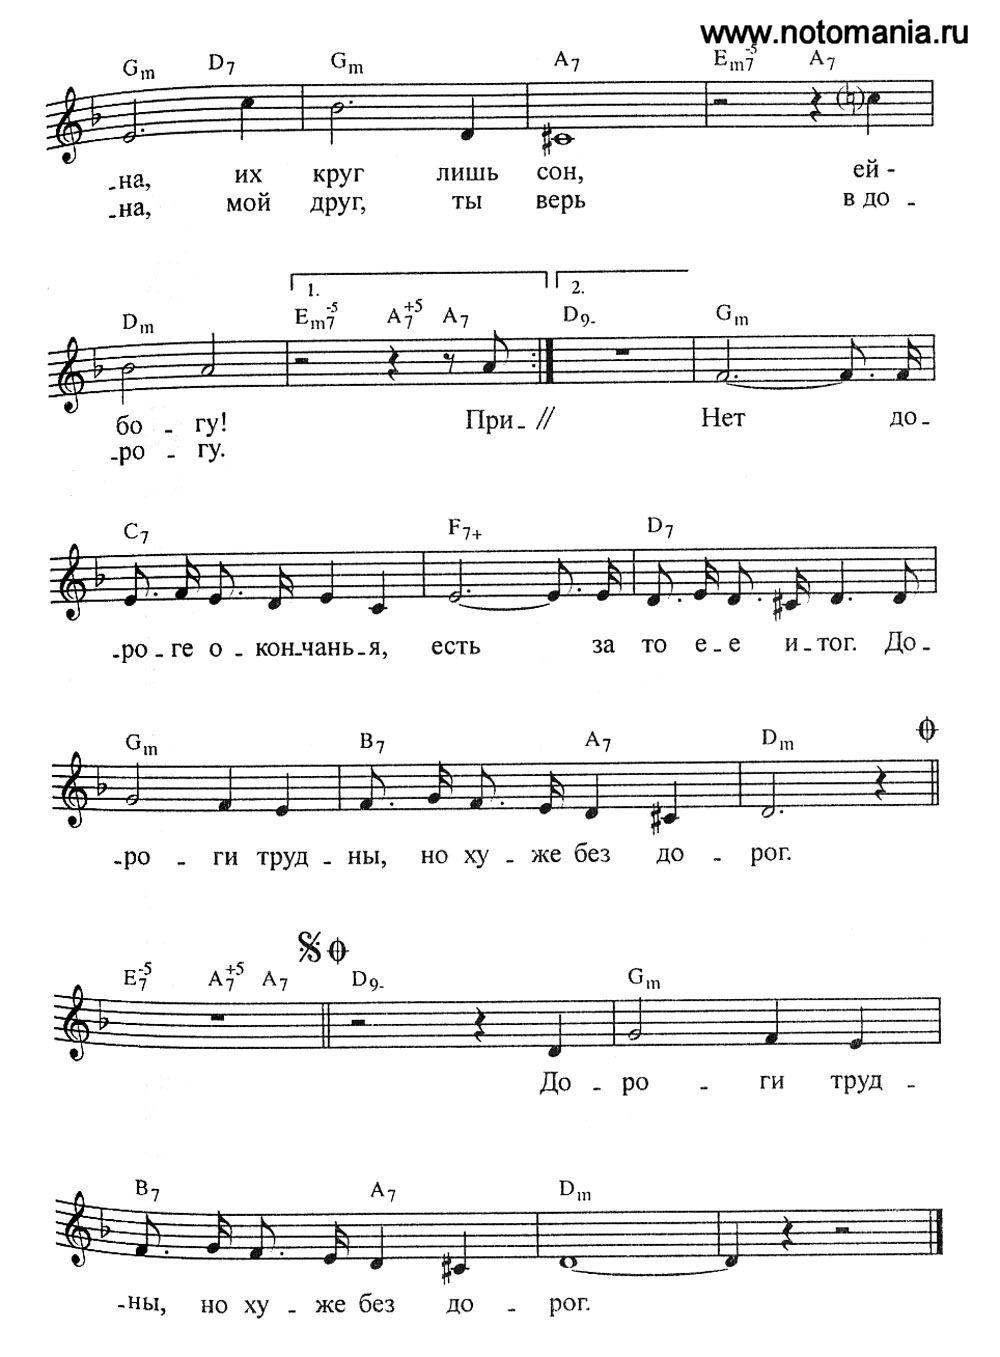 Посвящение другу аккорды слова